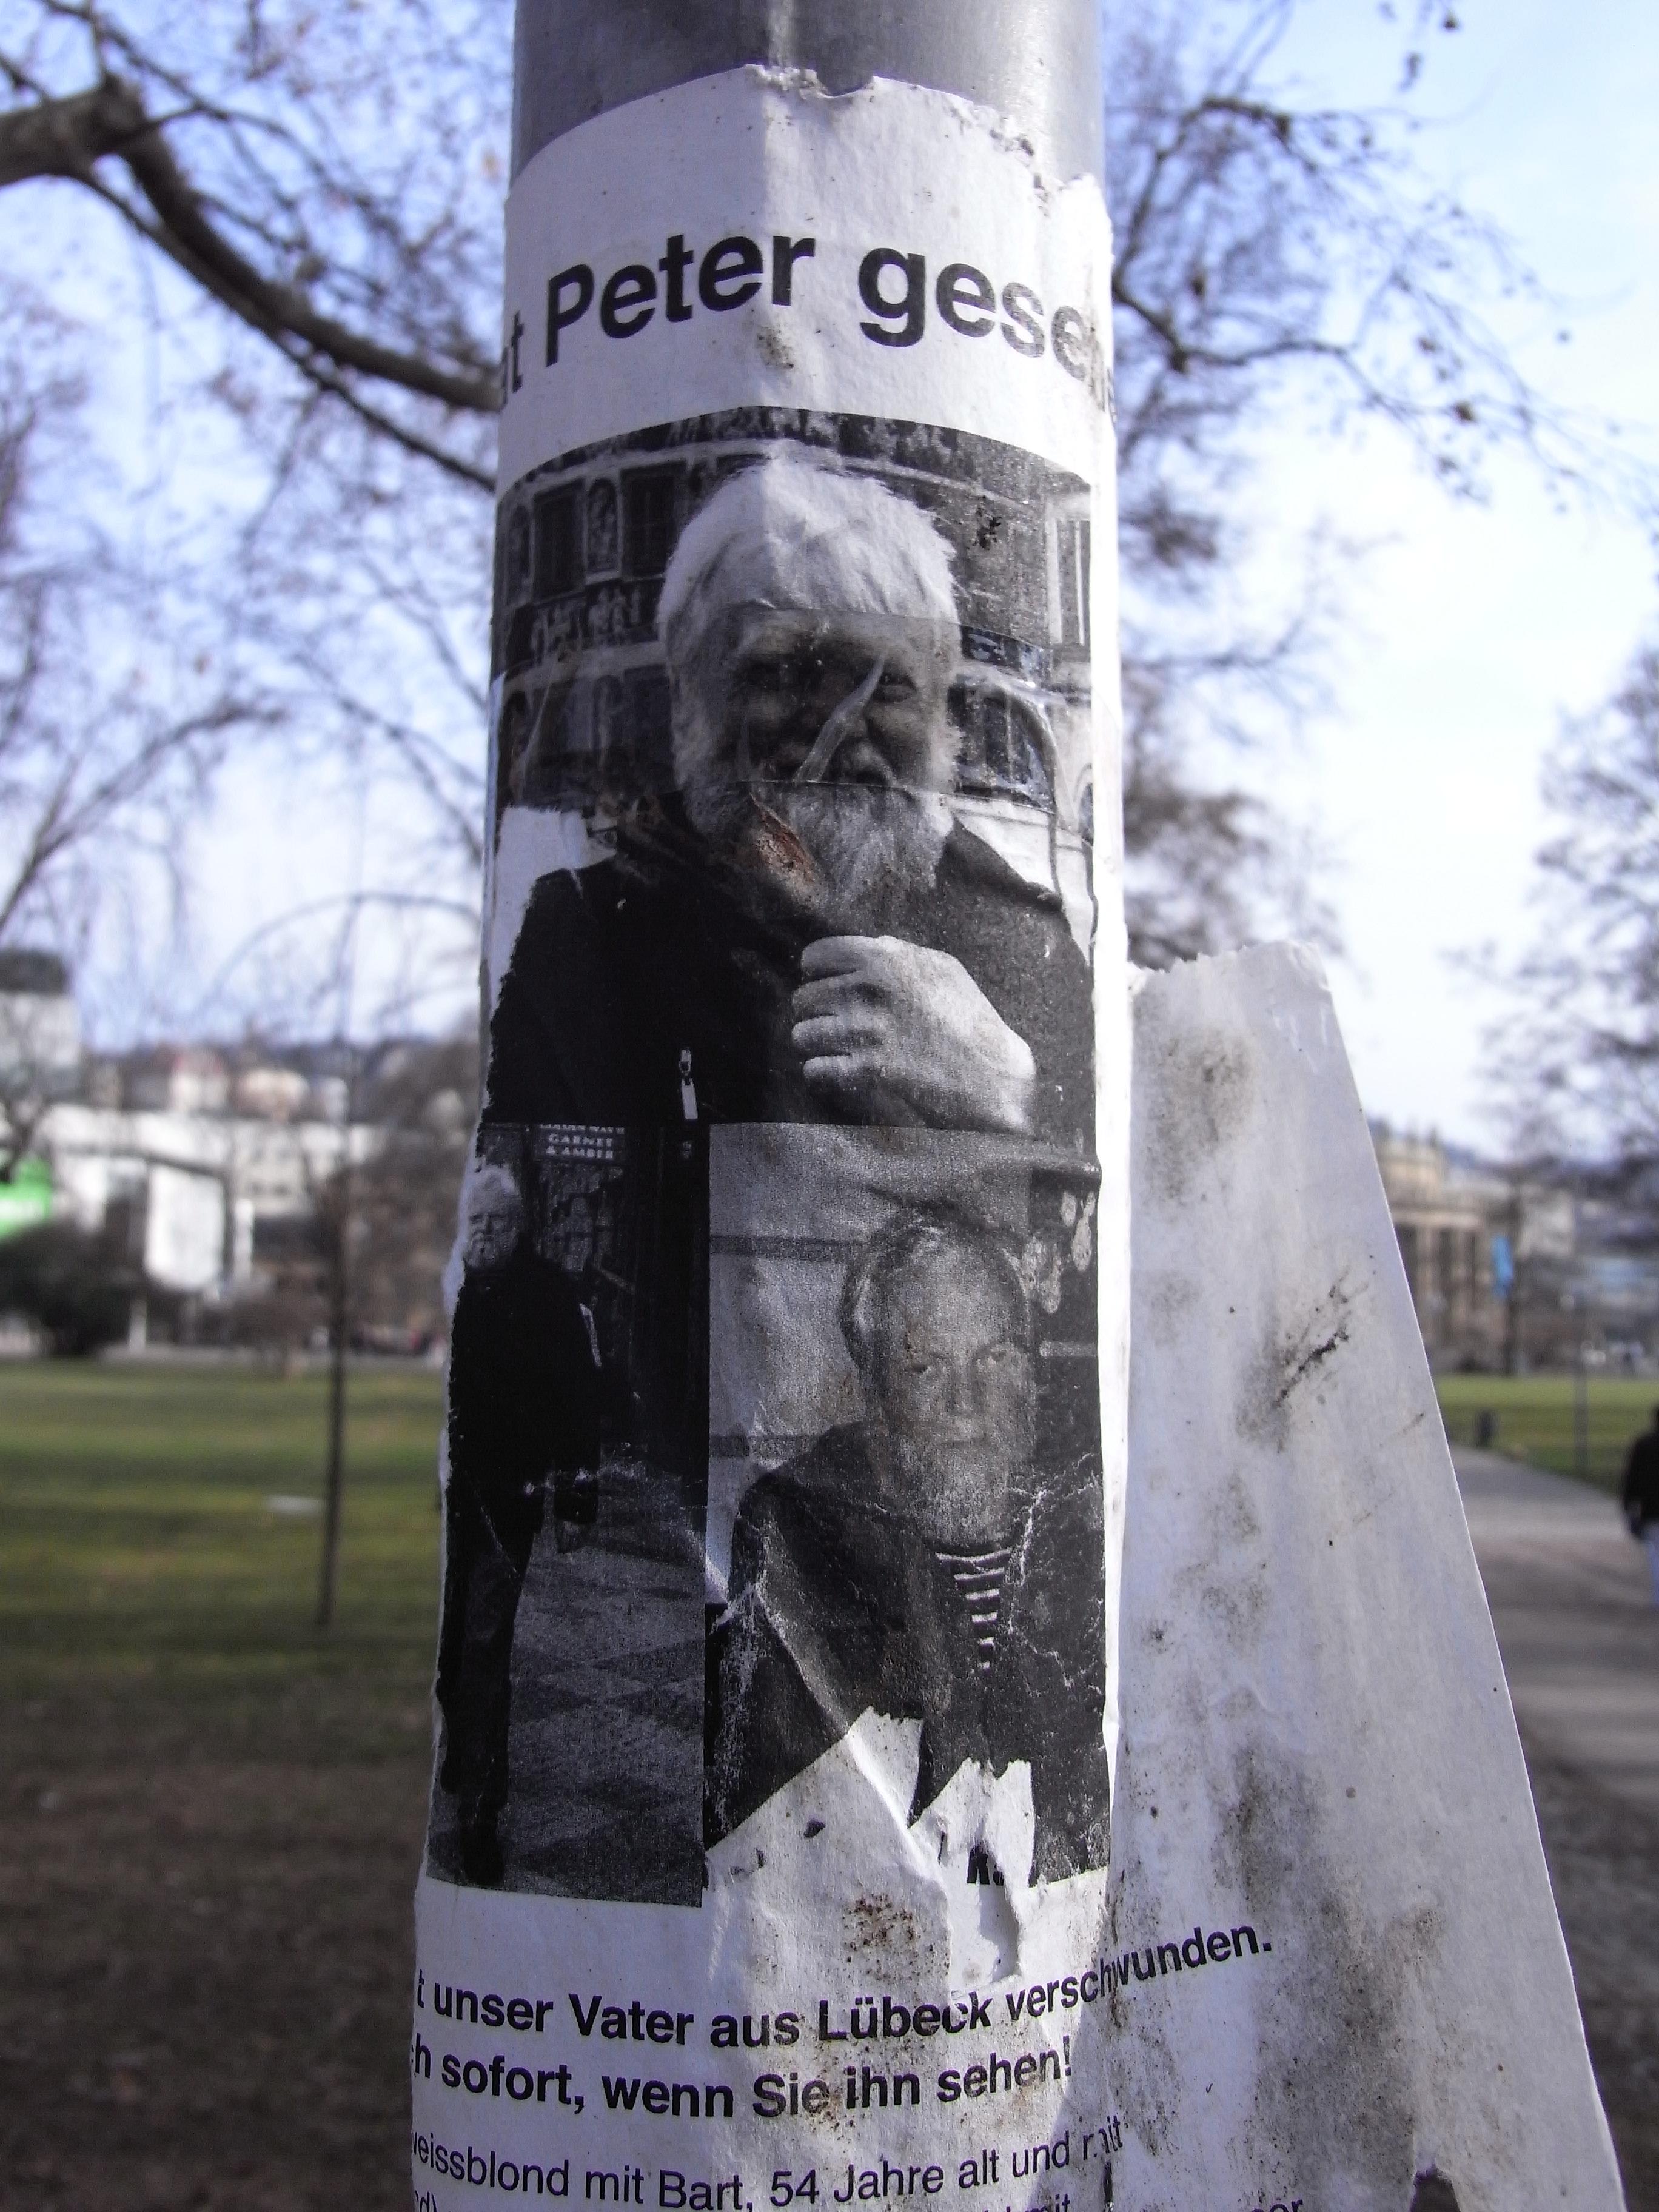 Anzeige vermisster Vater in Stuttgart